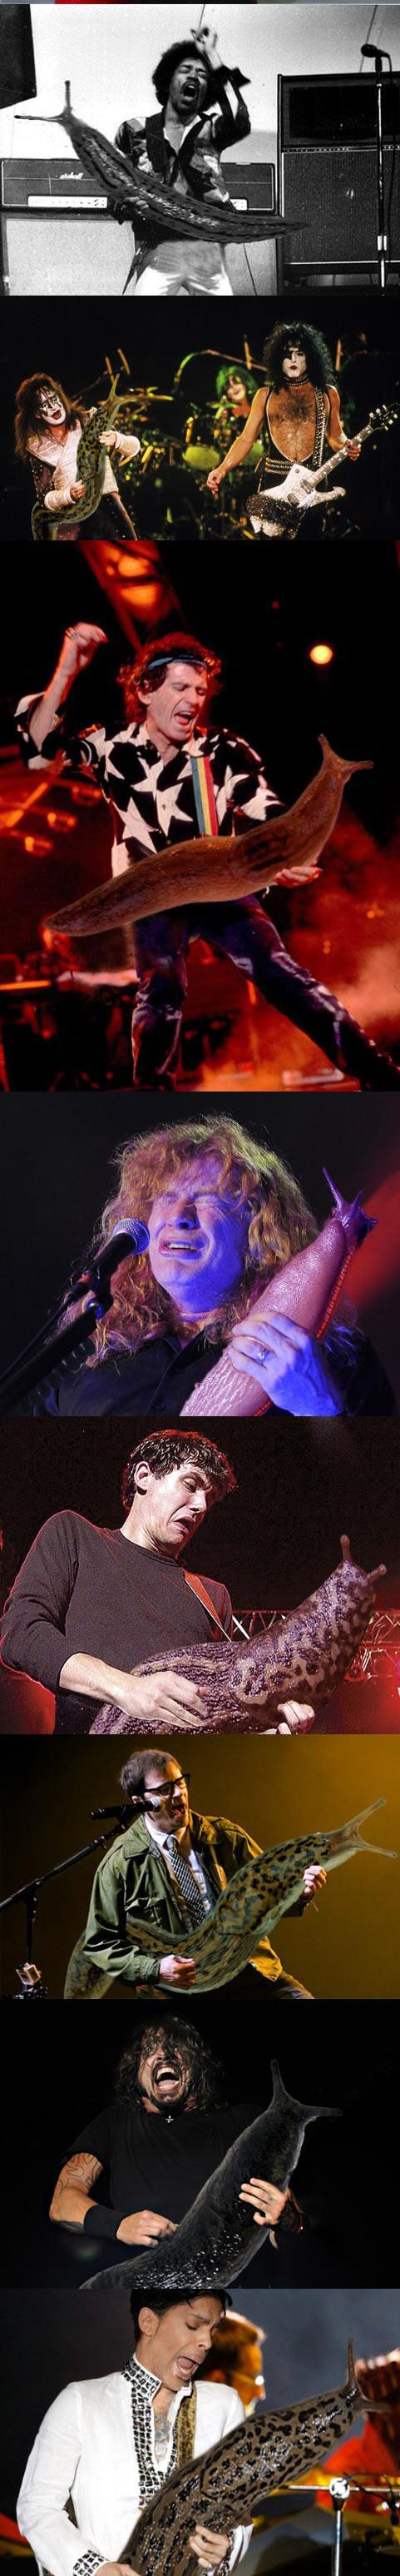 funny-guitar-players-holding-giant-slug-David-Grohl